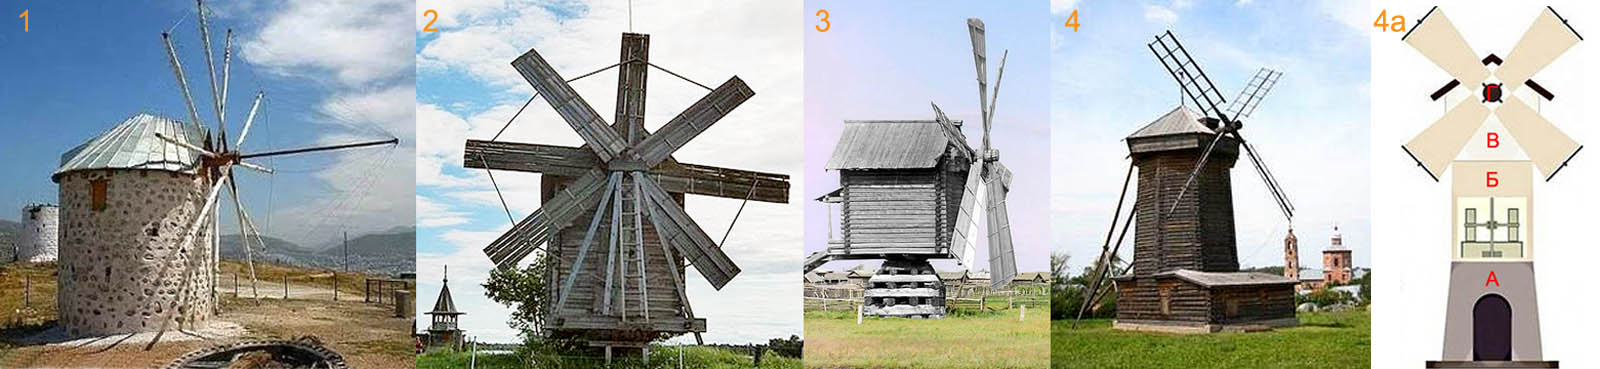 Основные типа ветряных мельниц с горизонтальной осью ротора